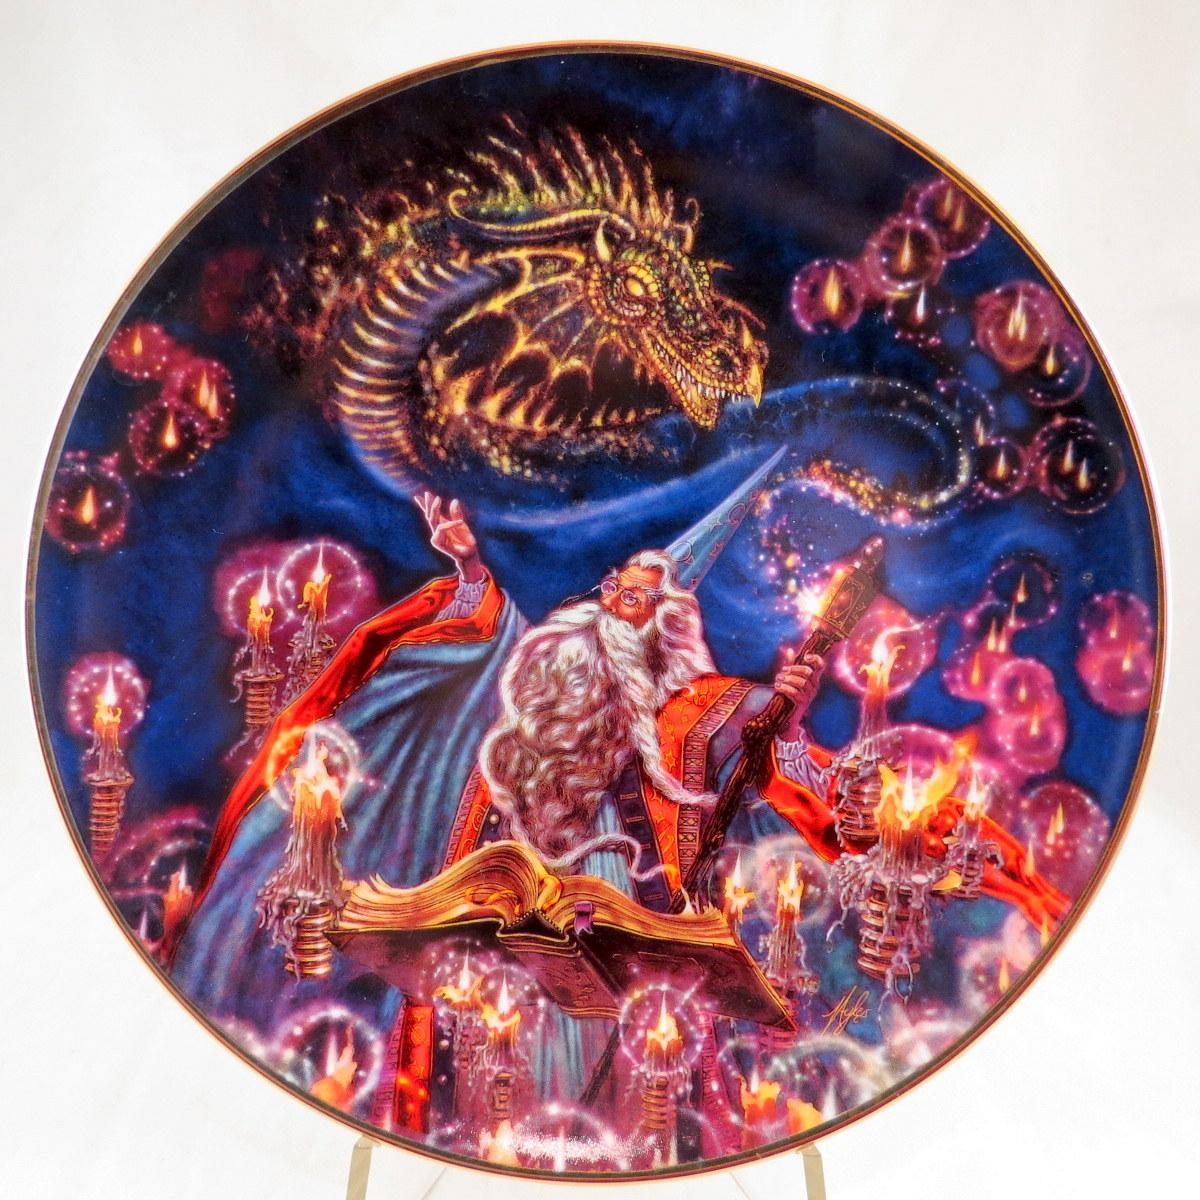 Декоративная коллекционная тарелка Сила магии: Призыв Дракона. Фарфор, деколь, золочение. Великобритания, Royal Doulton, Майлз Пинкни. 1990-е гг. декоративная тарелка ketsuzan kiln гейша с зонтиком декоративная тарелка фарфор деколь япония 1990 год